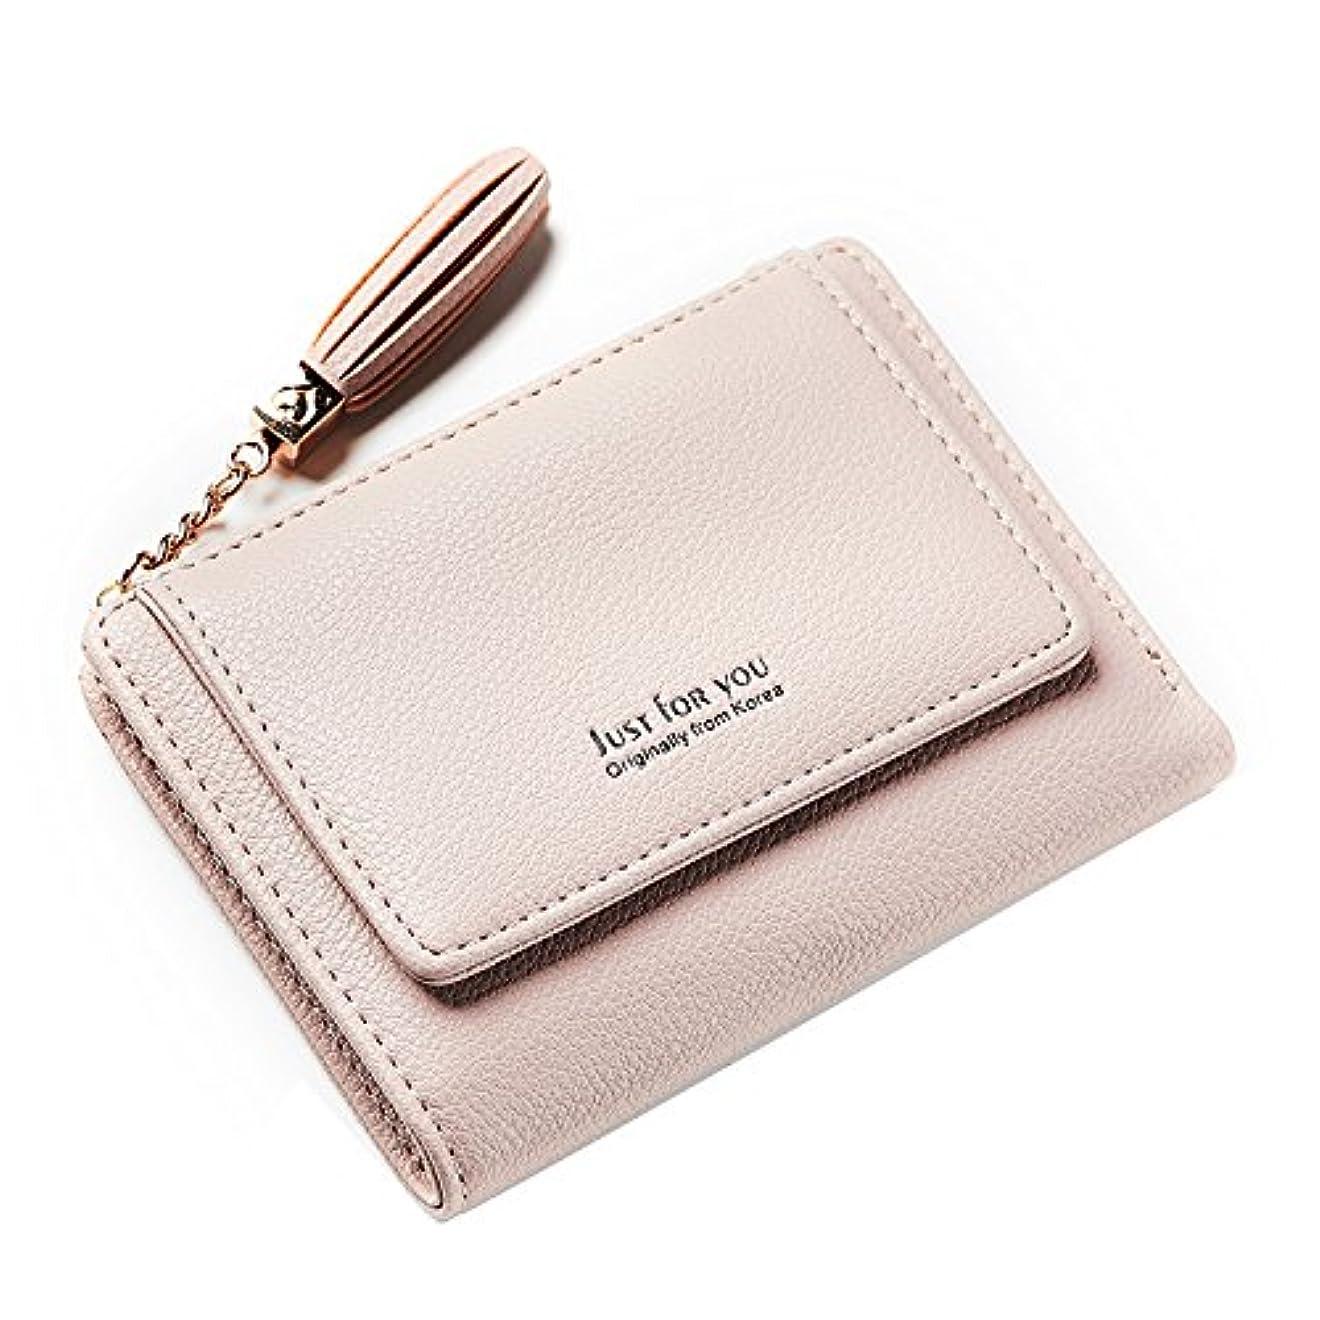 毛布専制遅らせるTcIFE ミニ財布 レディース 二つ折り 人気 小さい二つ折り財布 がま口小銭入れ 女性用 友達 家族にプレゼント